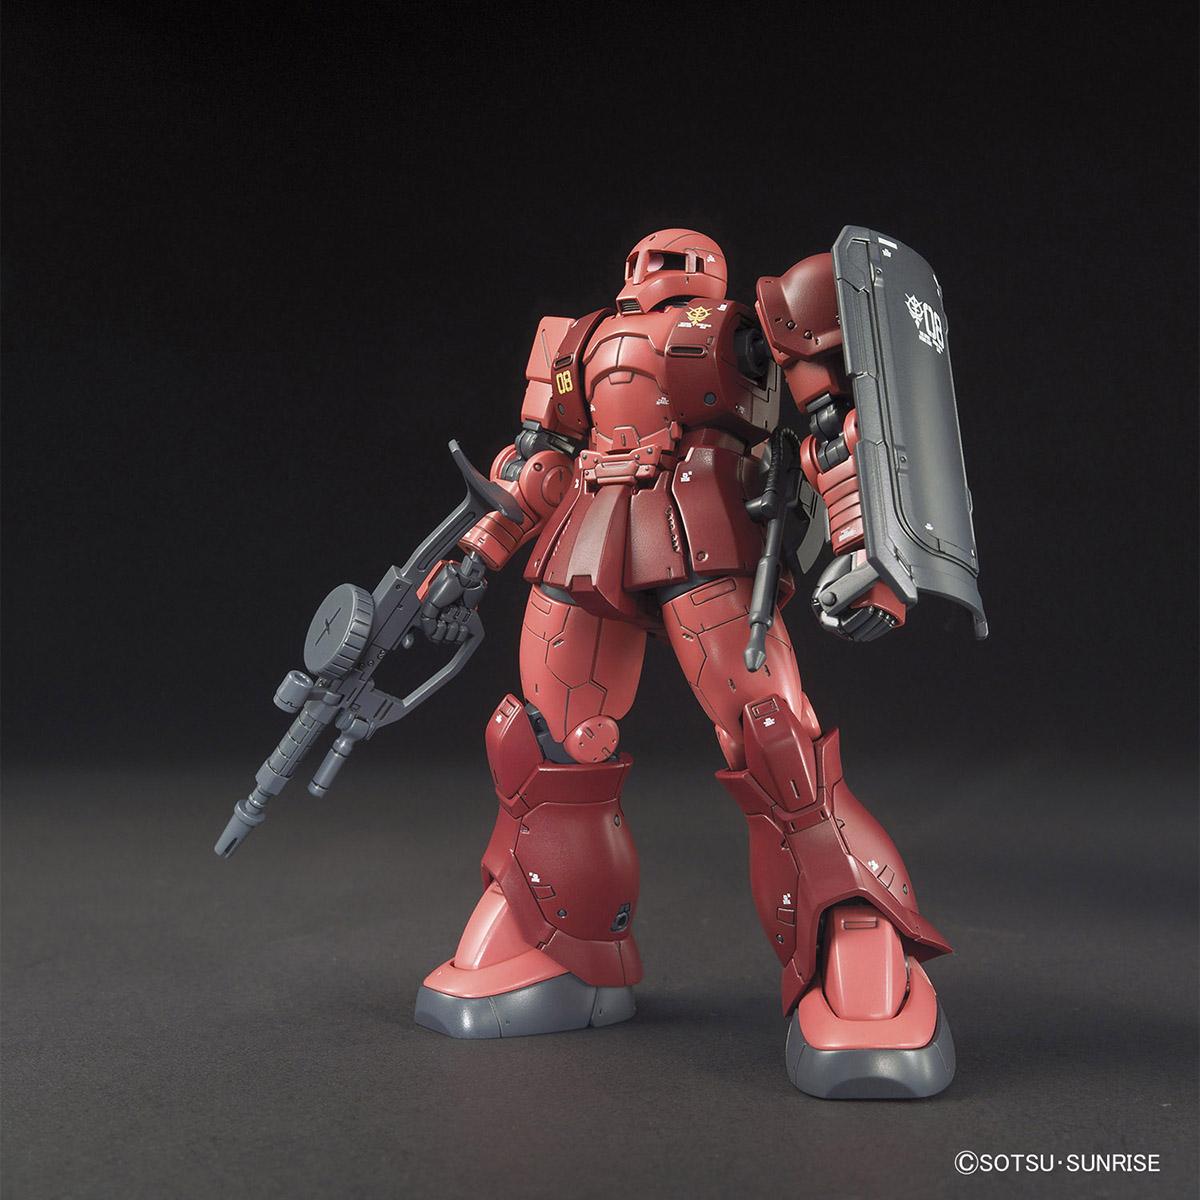 HG 1/144 MS-05 ザクI(シャア・アズナブル機)[TheORIGIN] [Zaku I (Char Aznable Unit)]